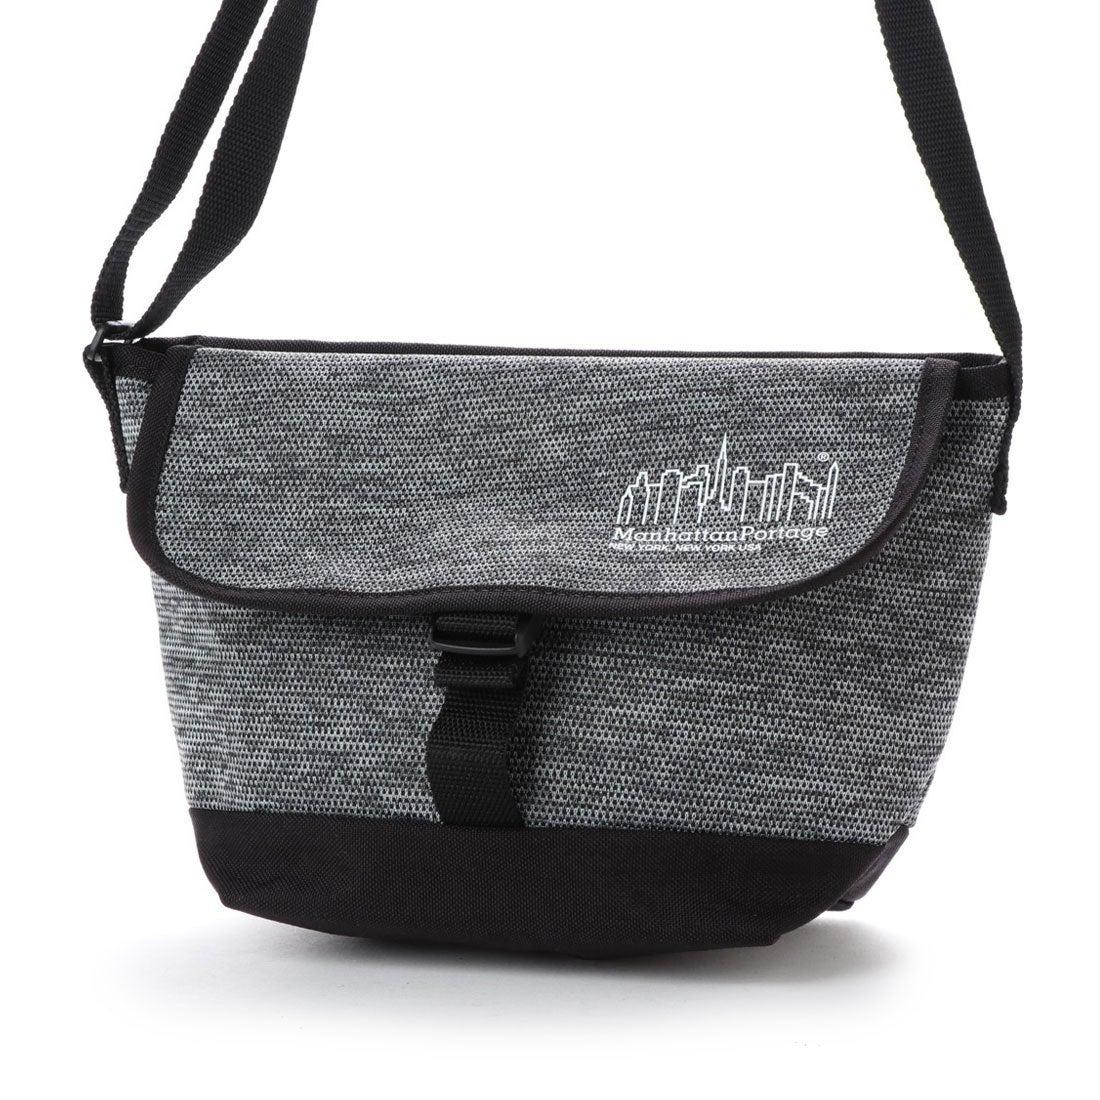 マンハッタンポーテージ Manhattan Portage SKYLINE AIR KNIT Casual Messenger Bag (Black) レディース メンズ